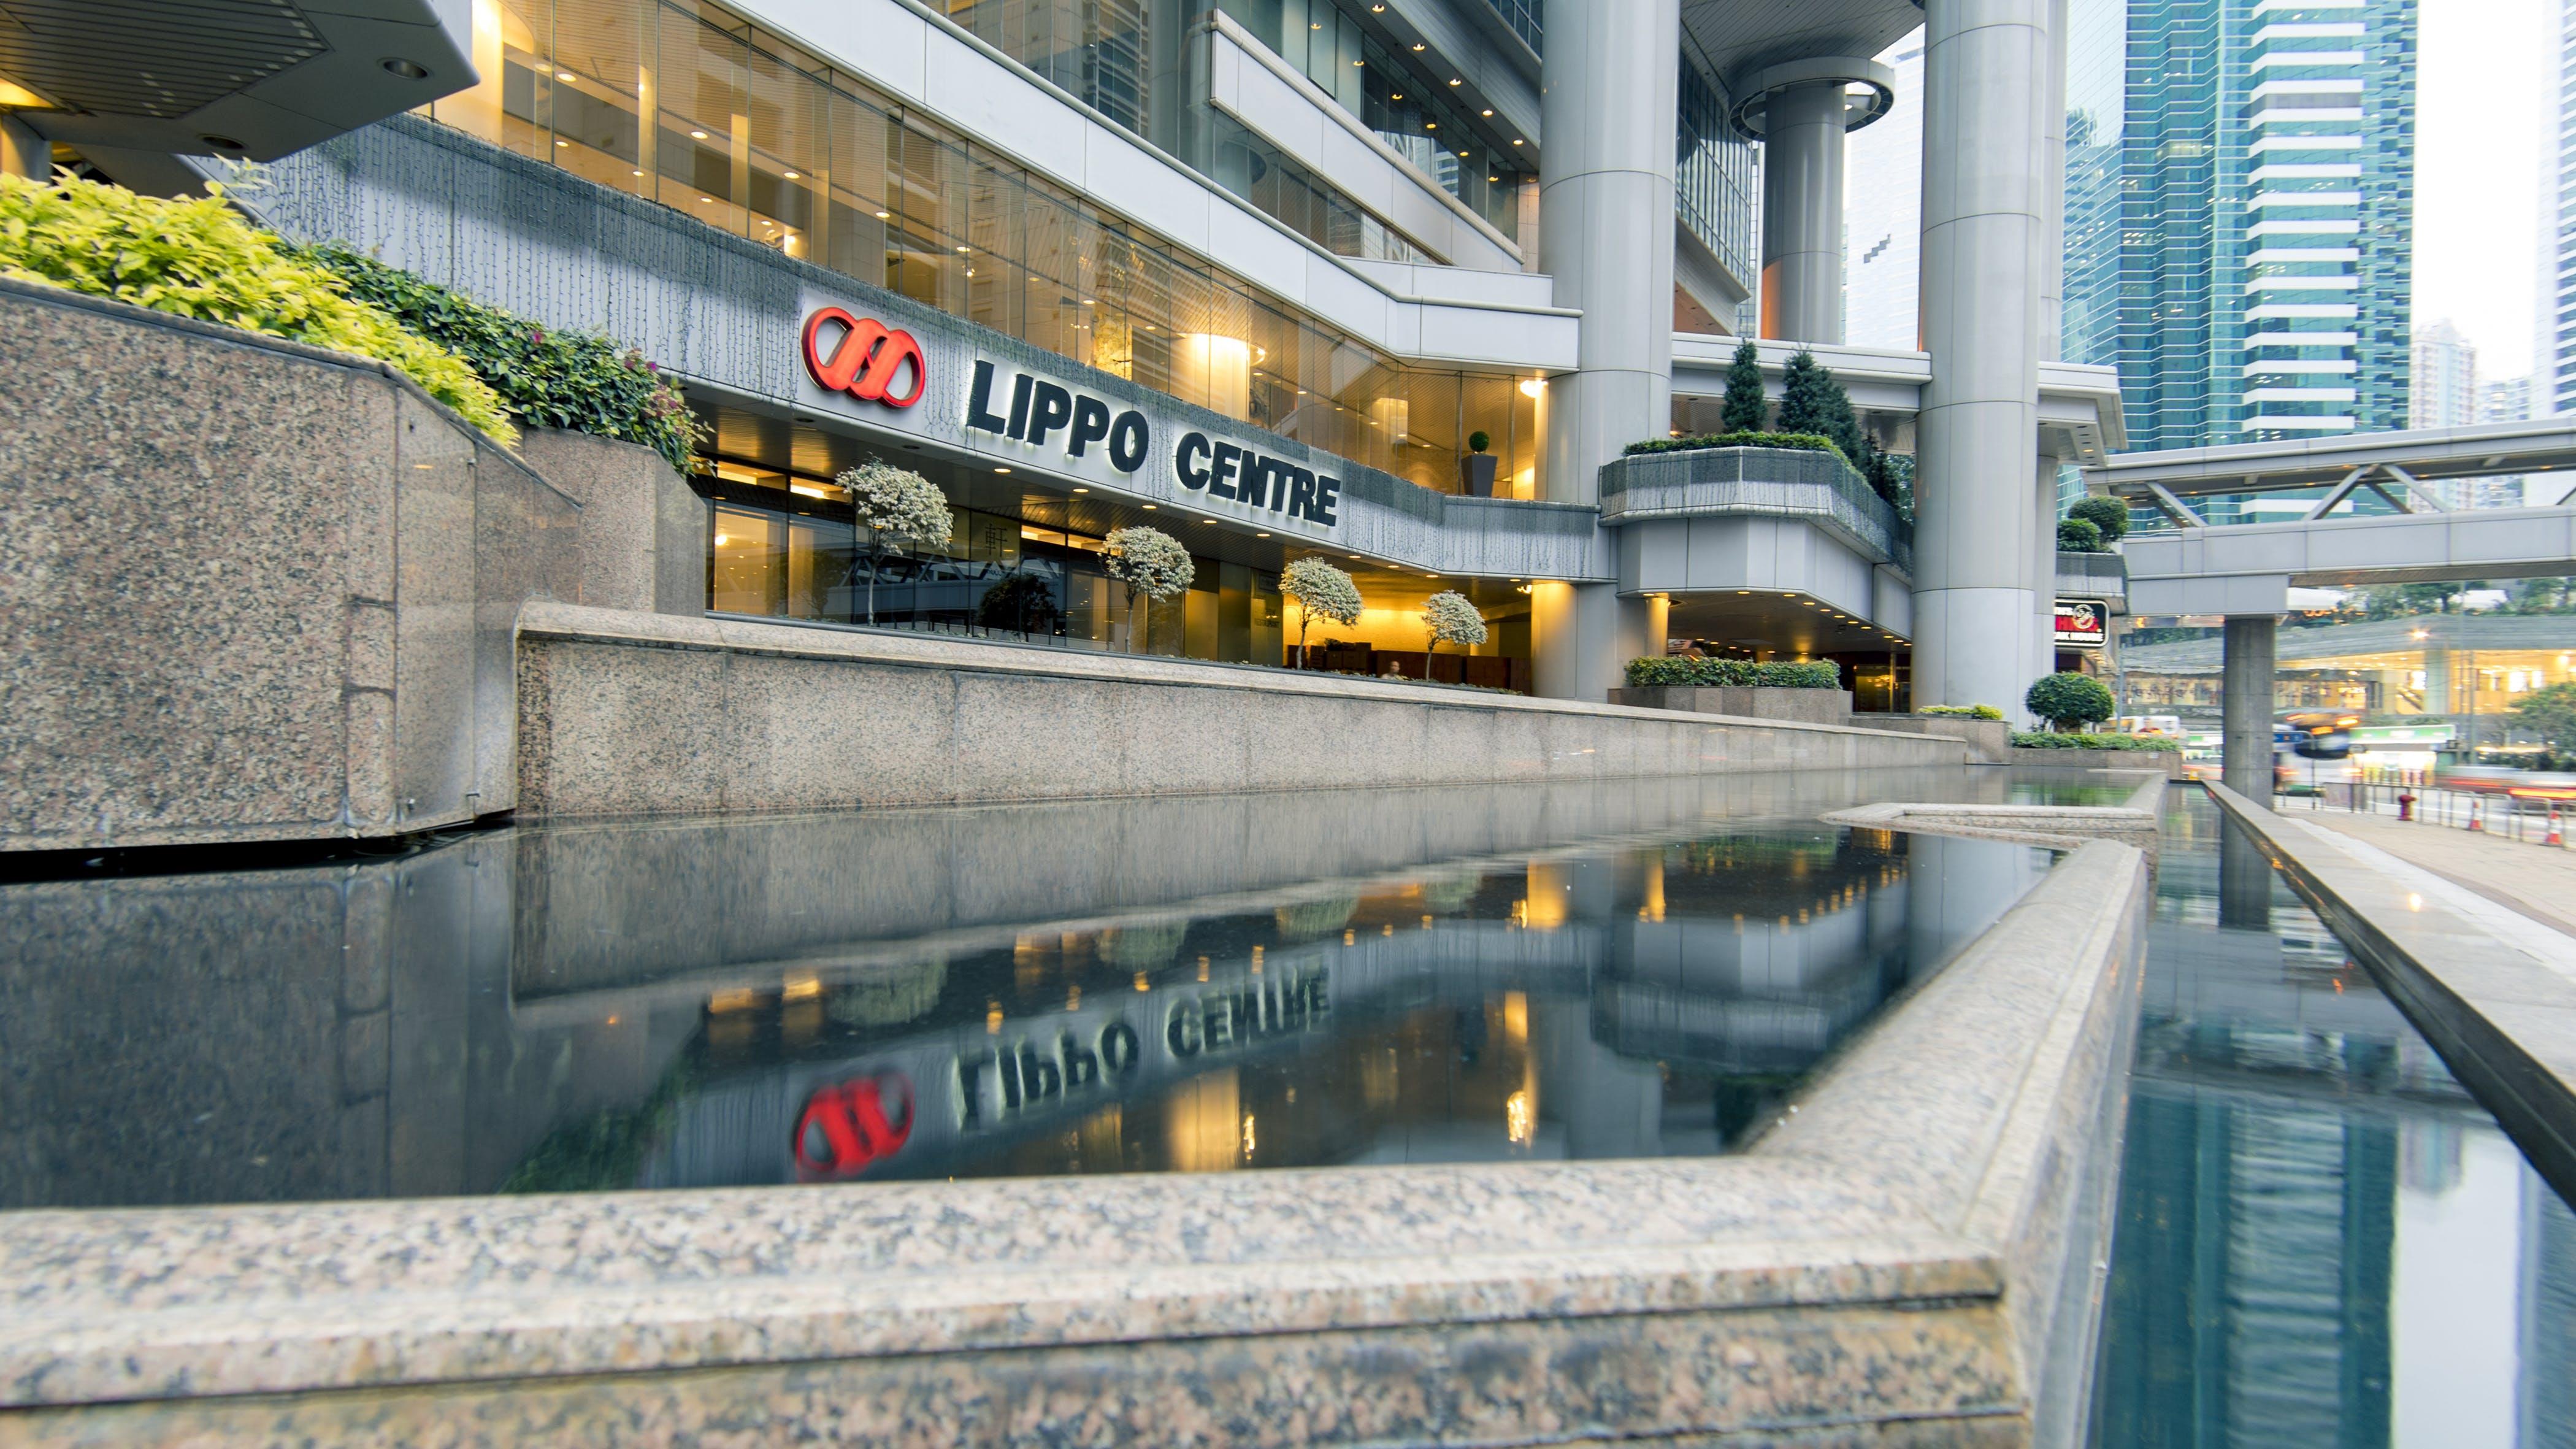 Lippo Centre Building Front